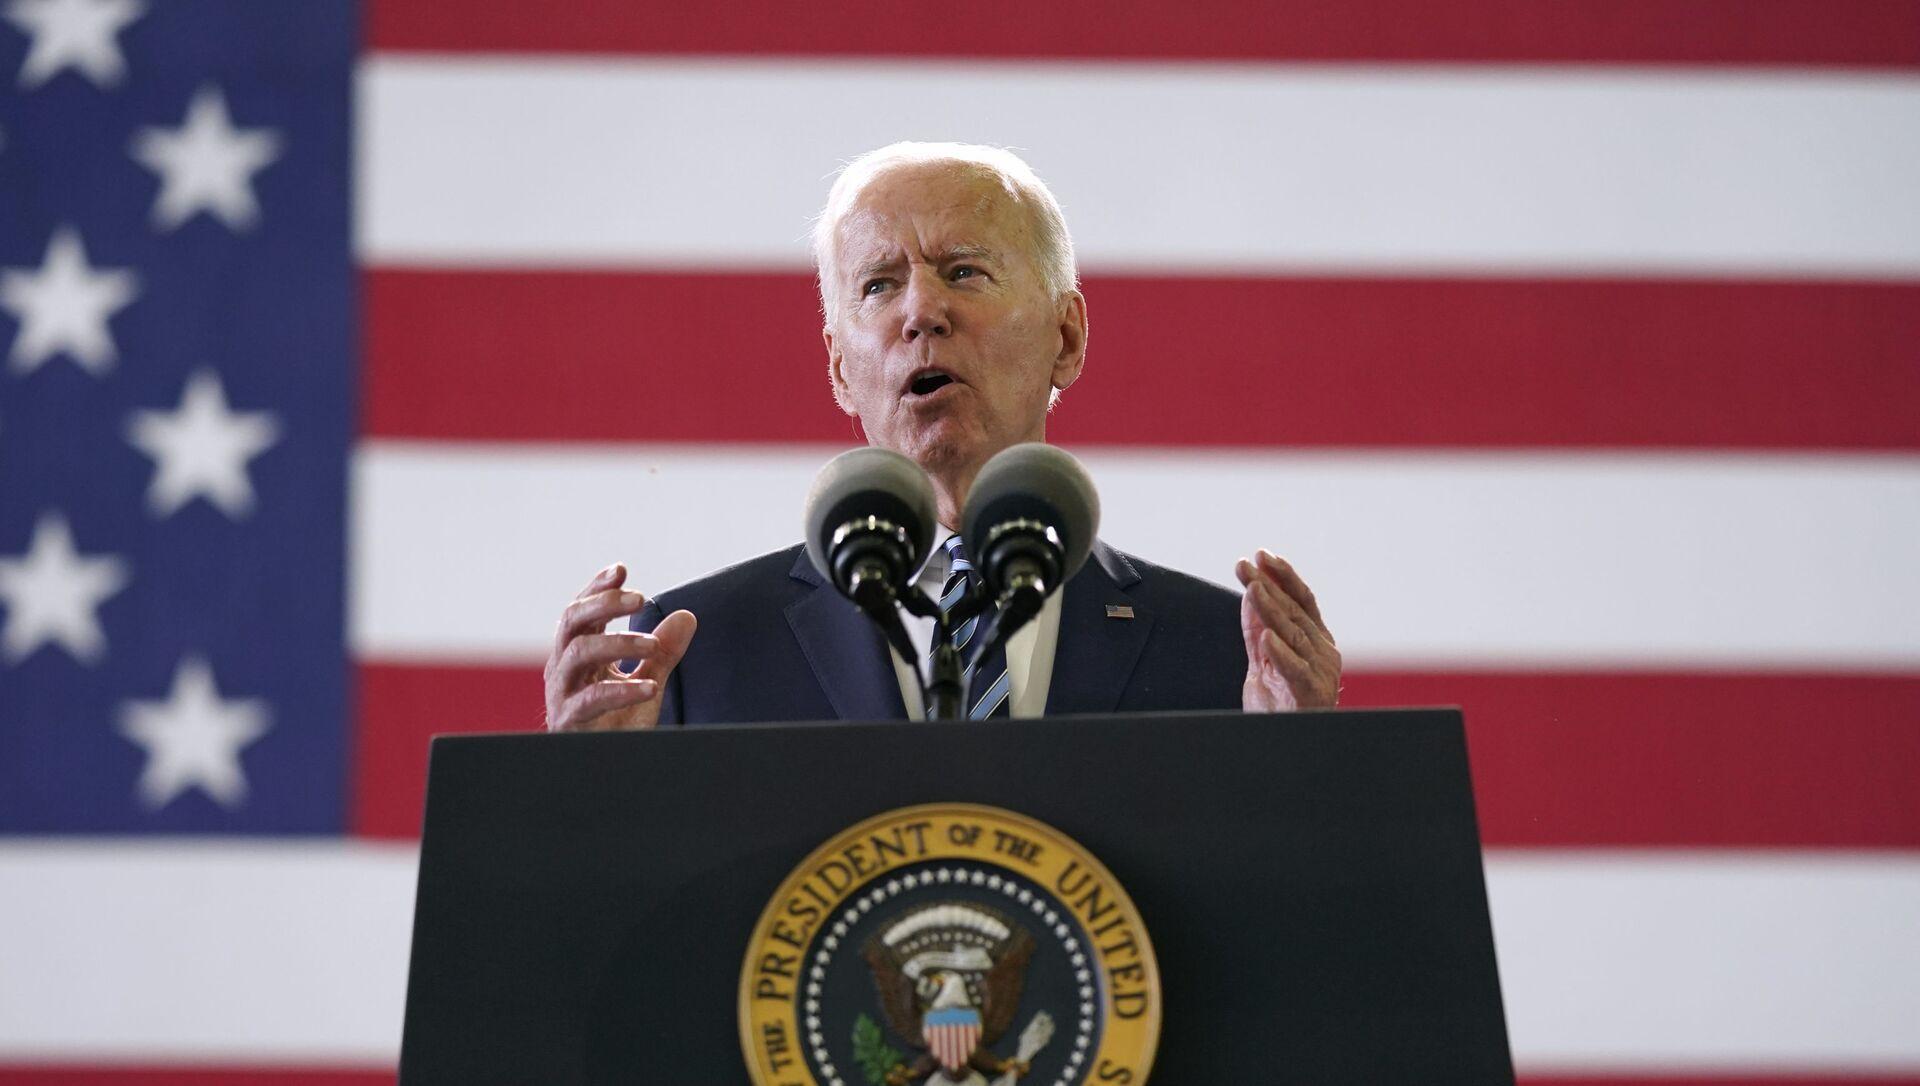 Tổng thống Joe Biden nói chuyện với các thành viên dịch vụ Mỹ tại RAF Mildenhall ở Suffolk, Anh, Thứ Tư, ngày 9 tháng 6 năm 2021. - Sputnik Việt Nam, 1920, 14.06.2021